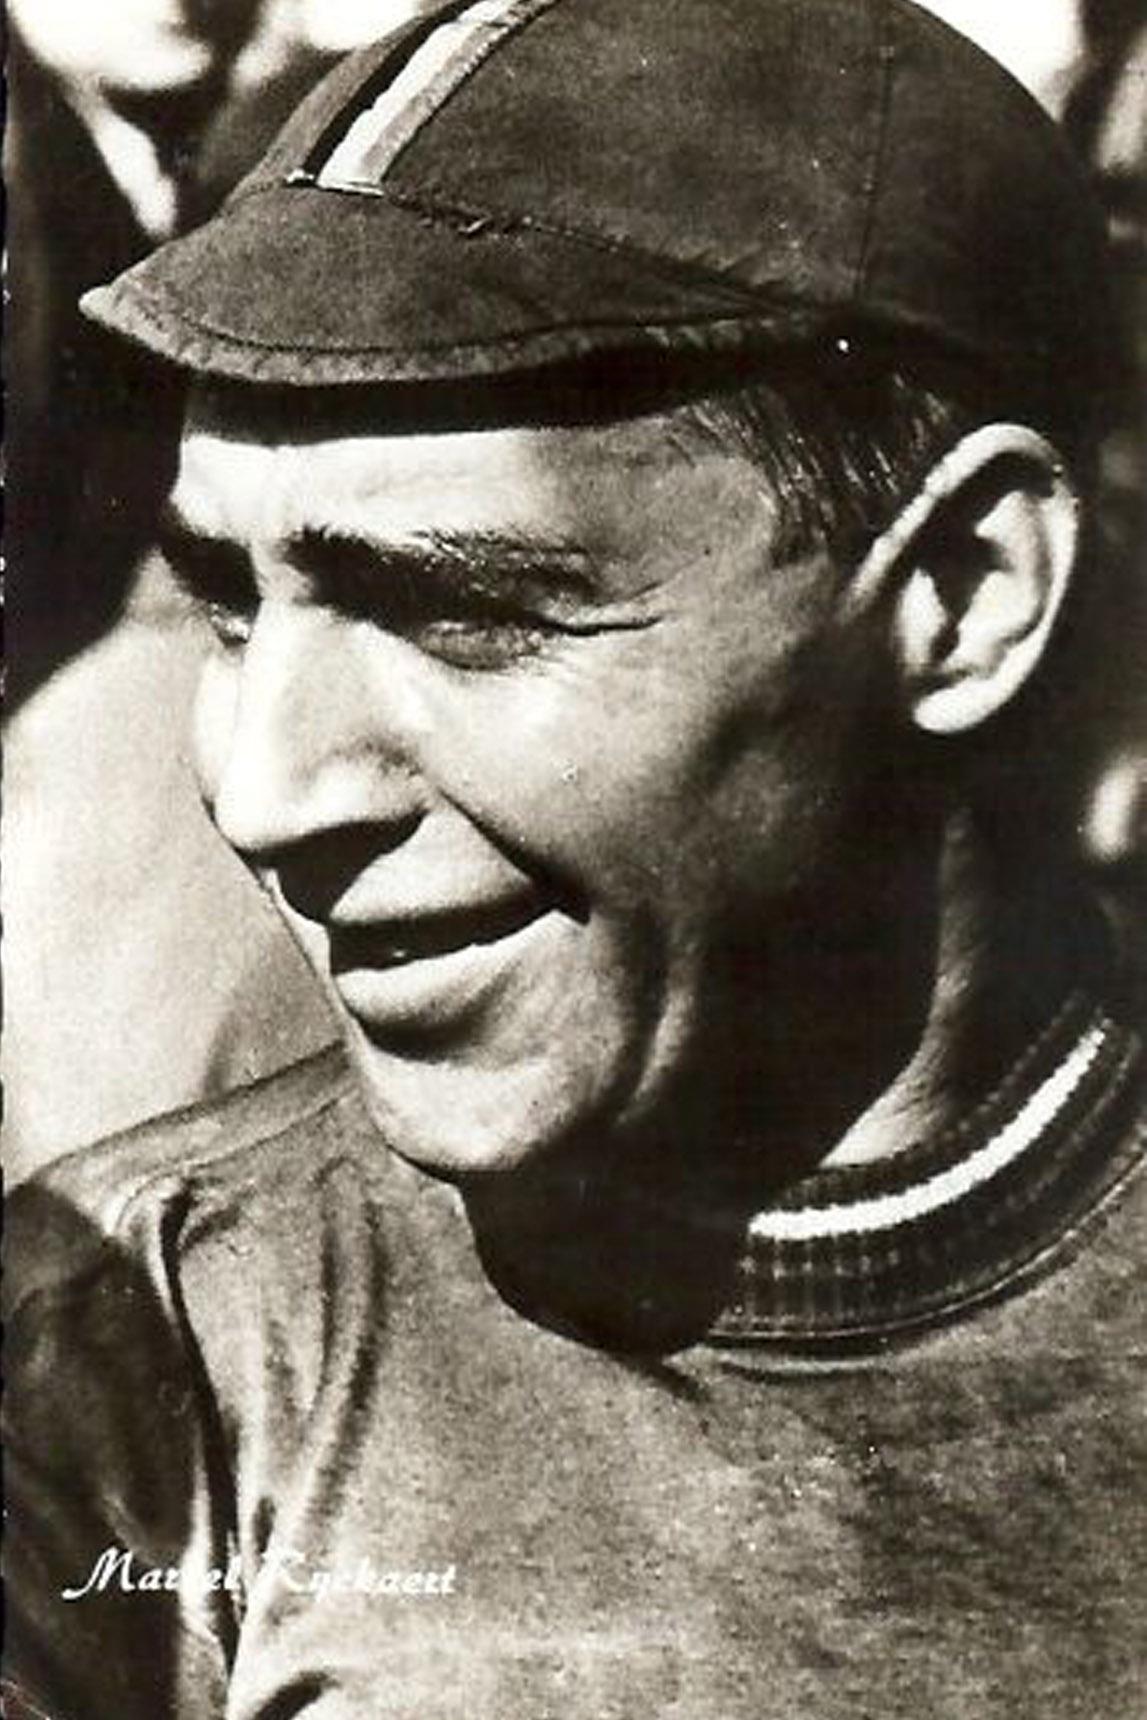 Marcel Rijckaert